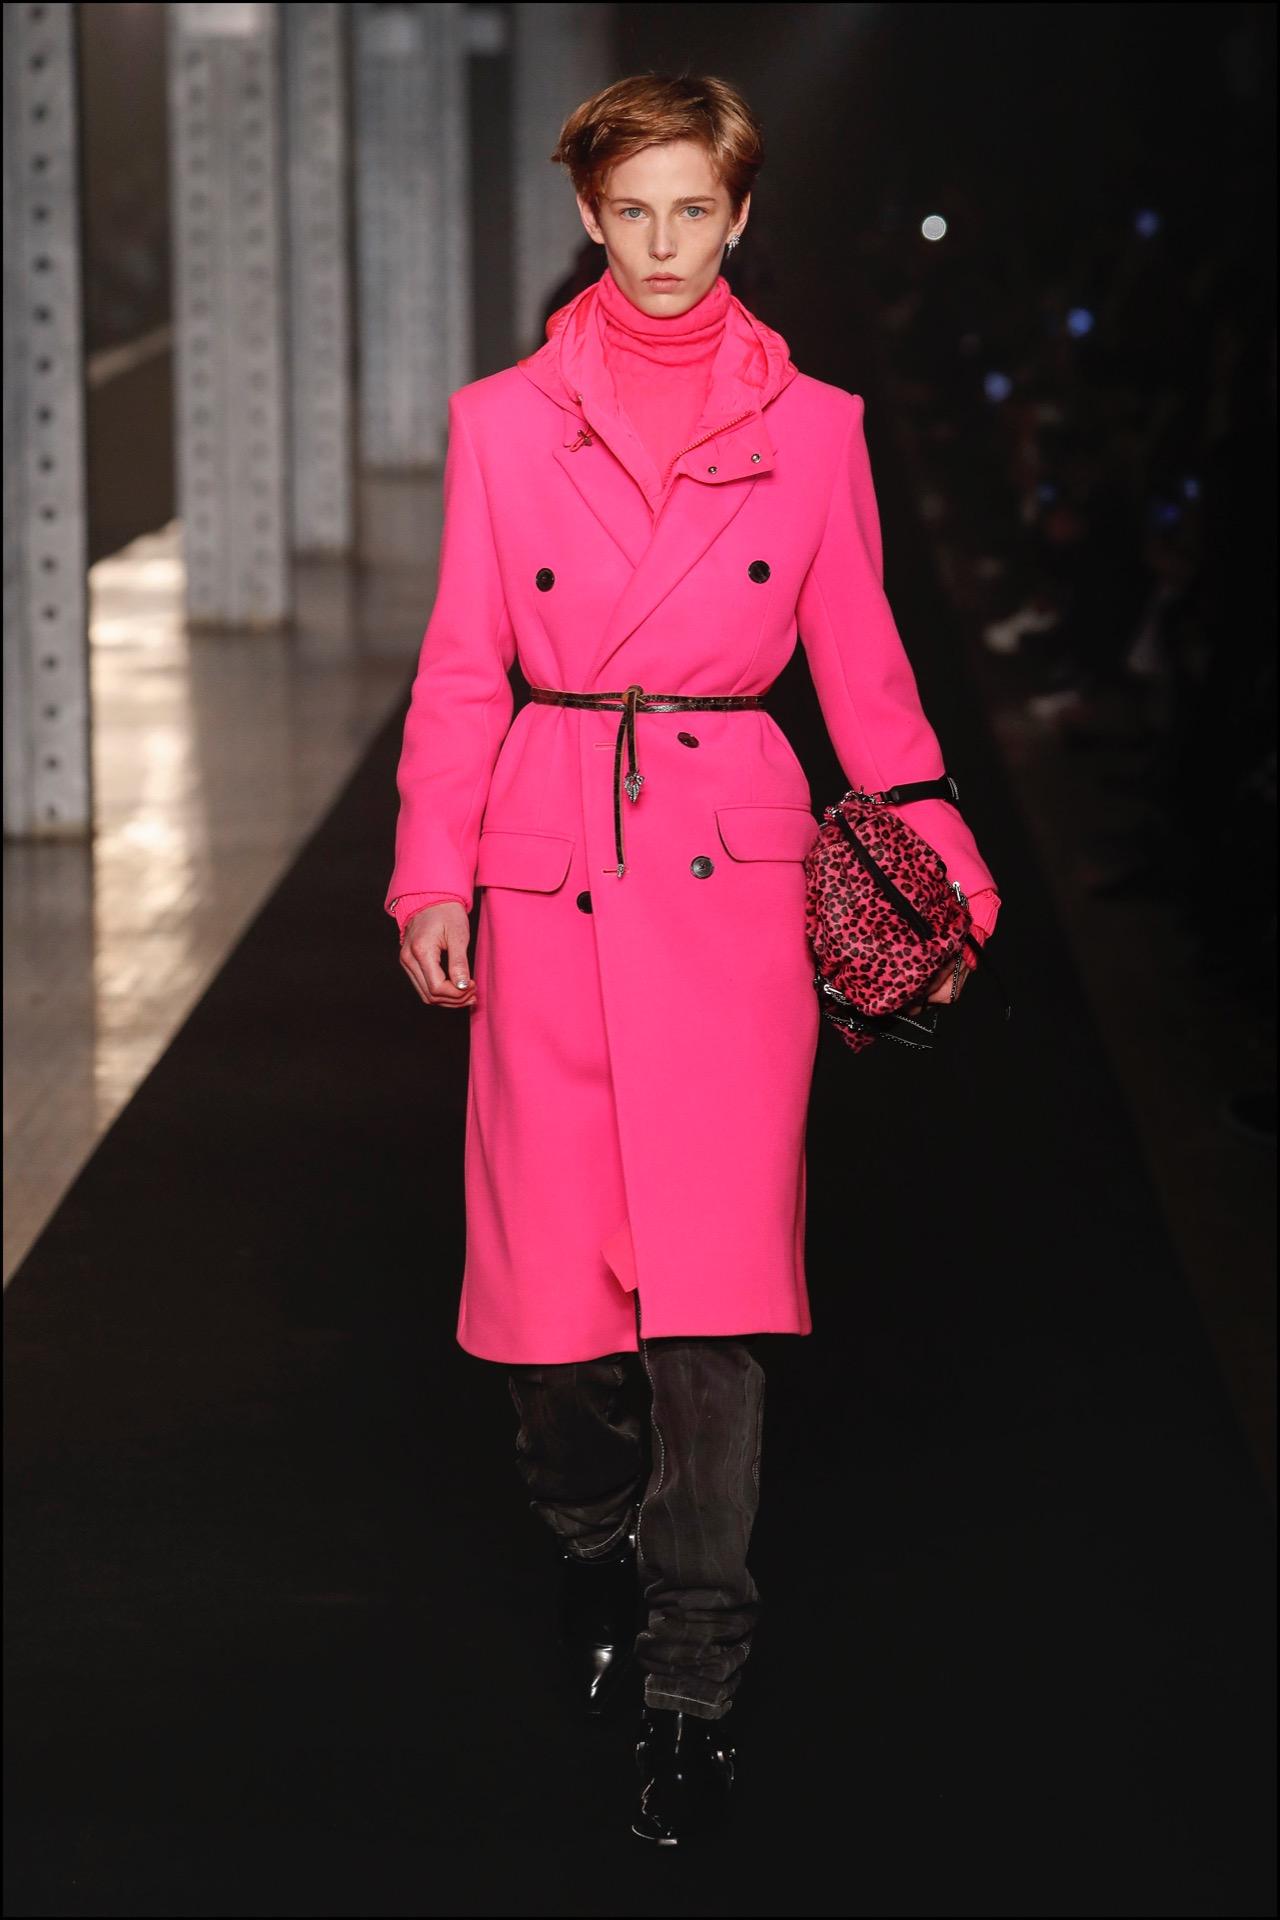 En el desfile deZadig & VoltaireenNew York Fashion Week, se desfiló este outfit con cinturón finito.